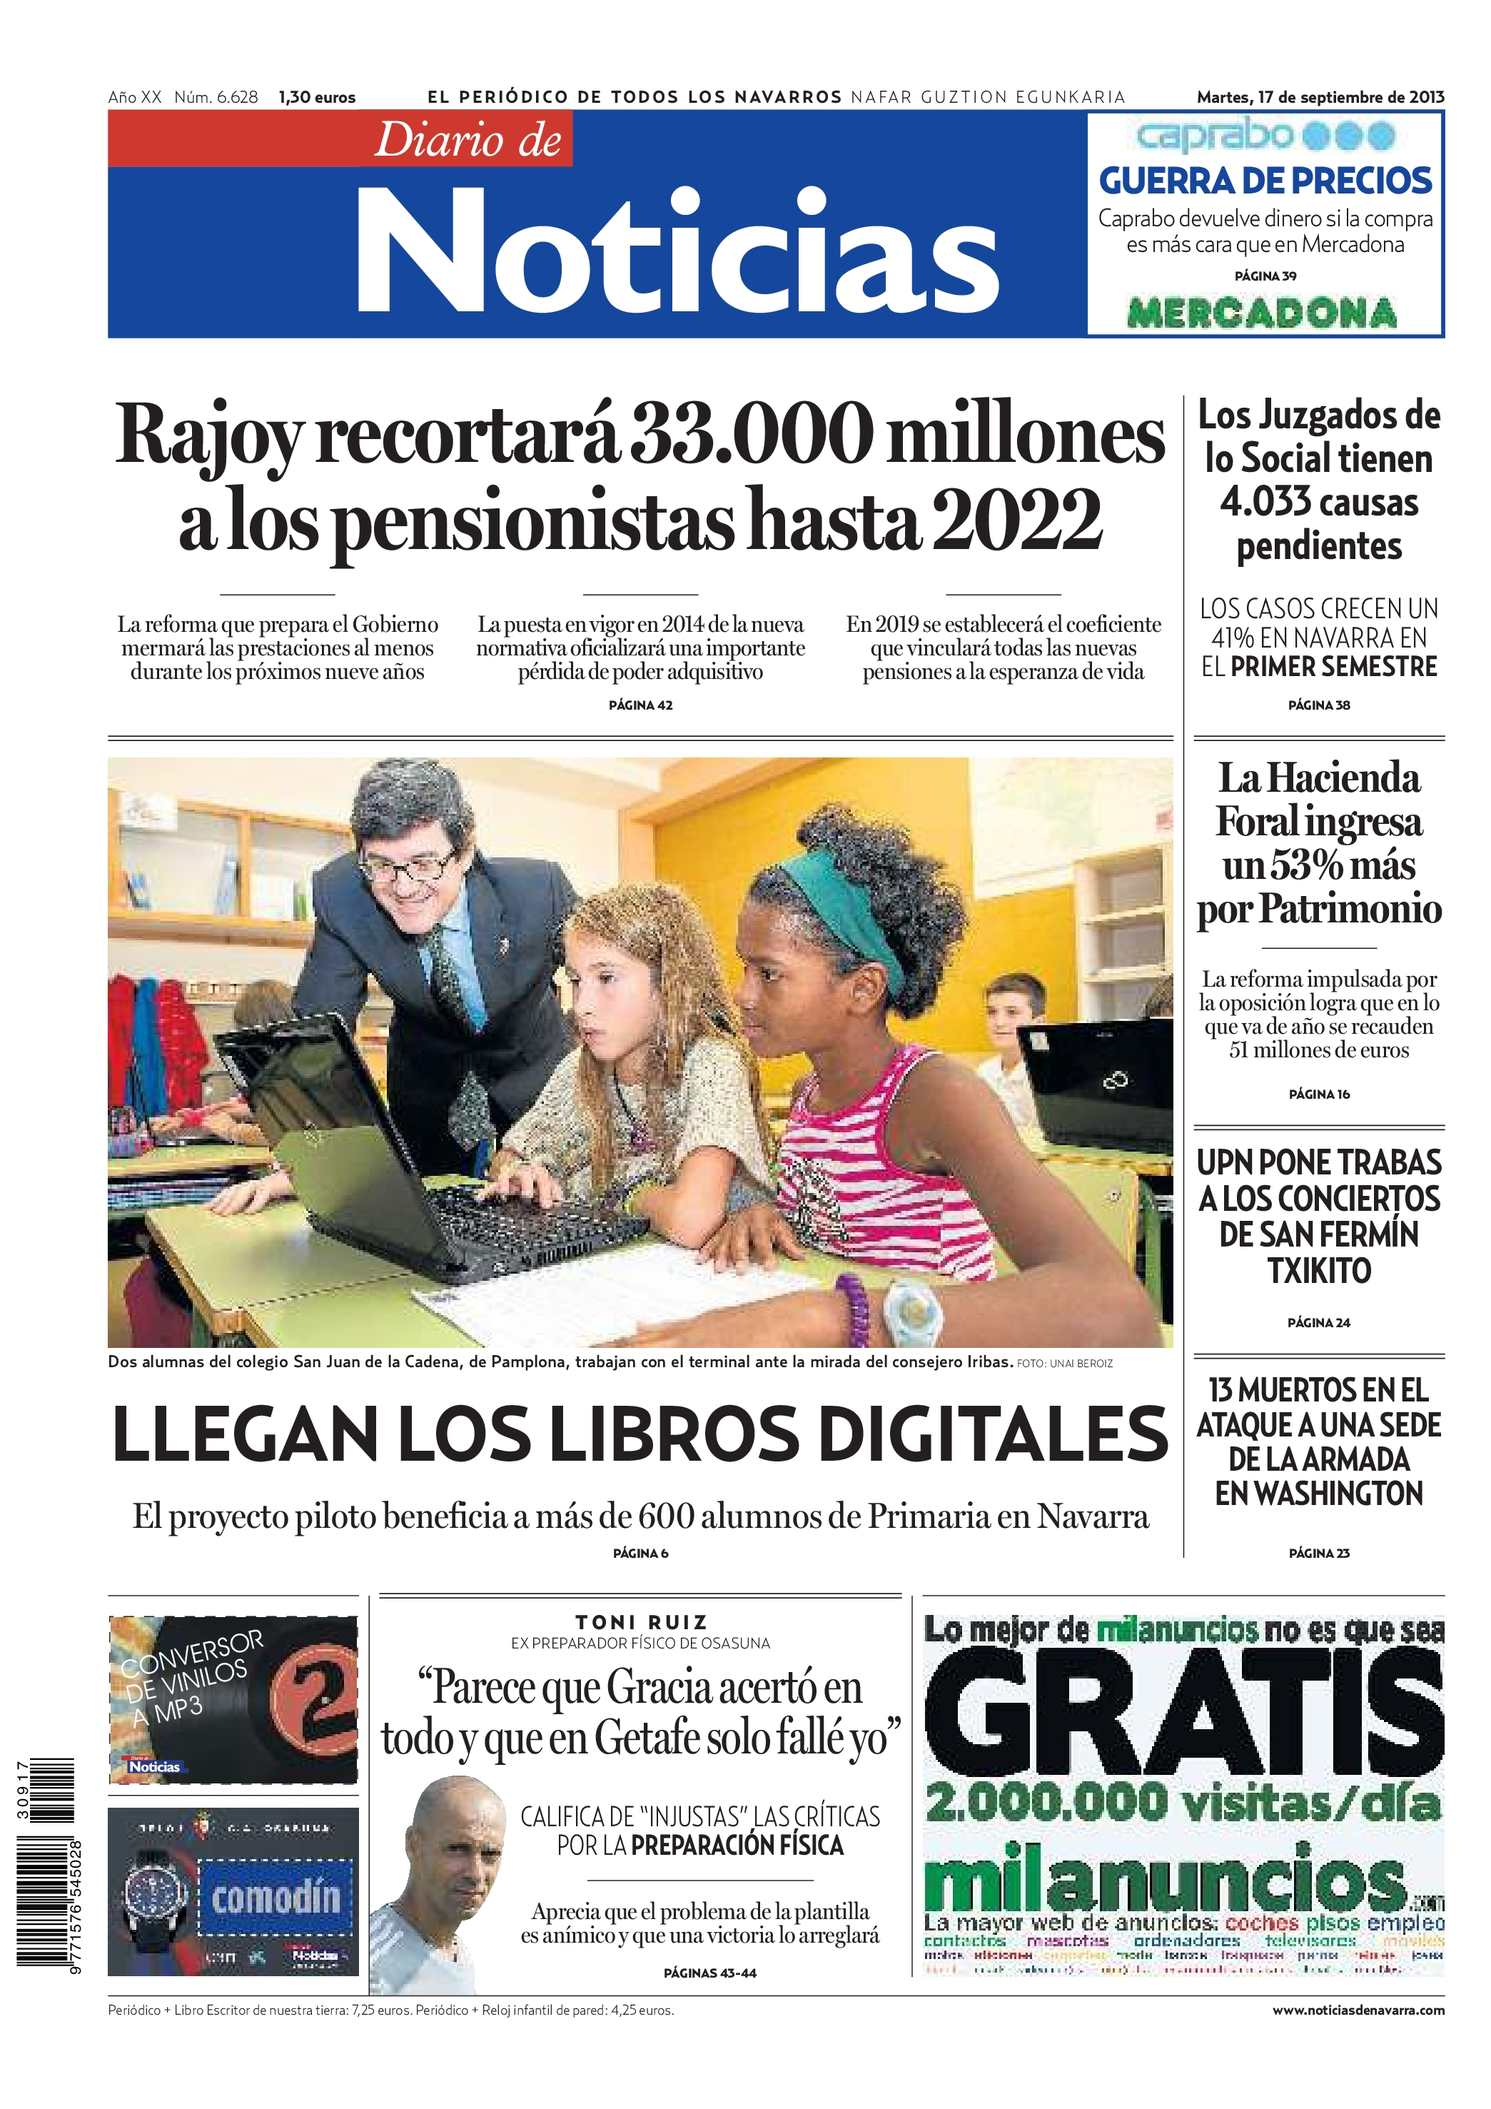 Calaméo - Diario de Noticias 20130917